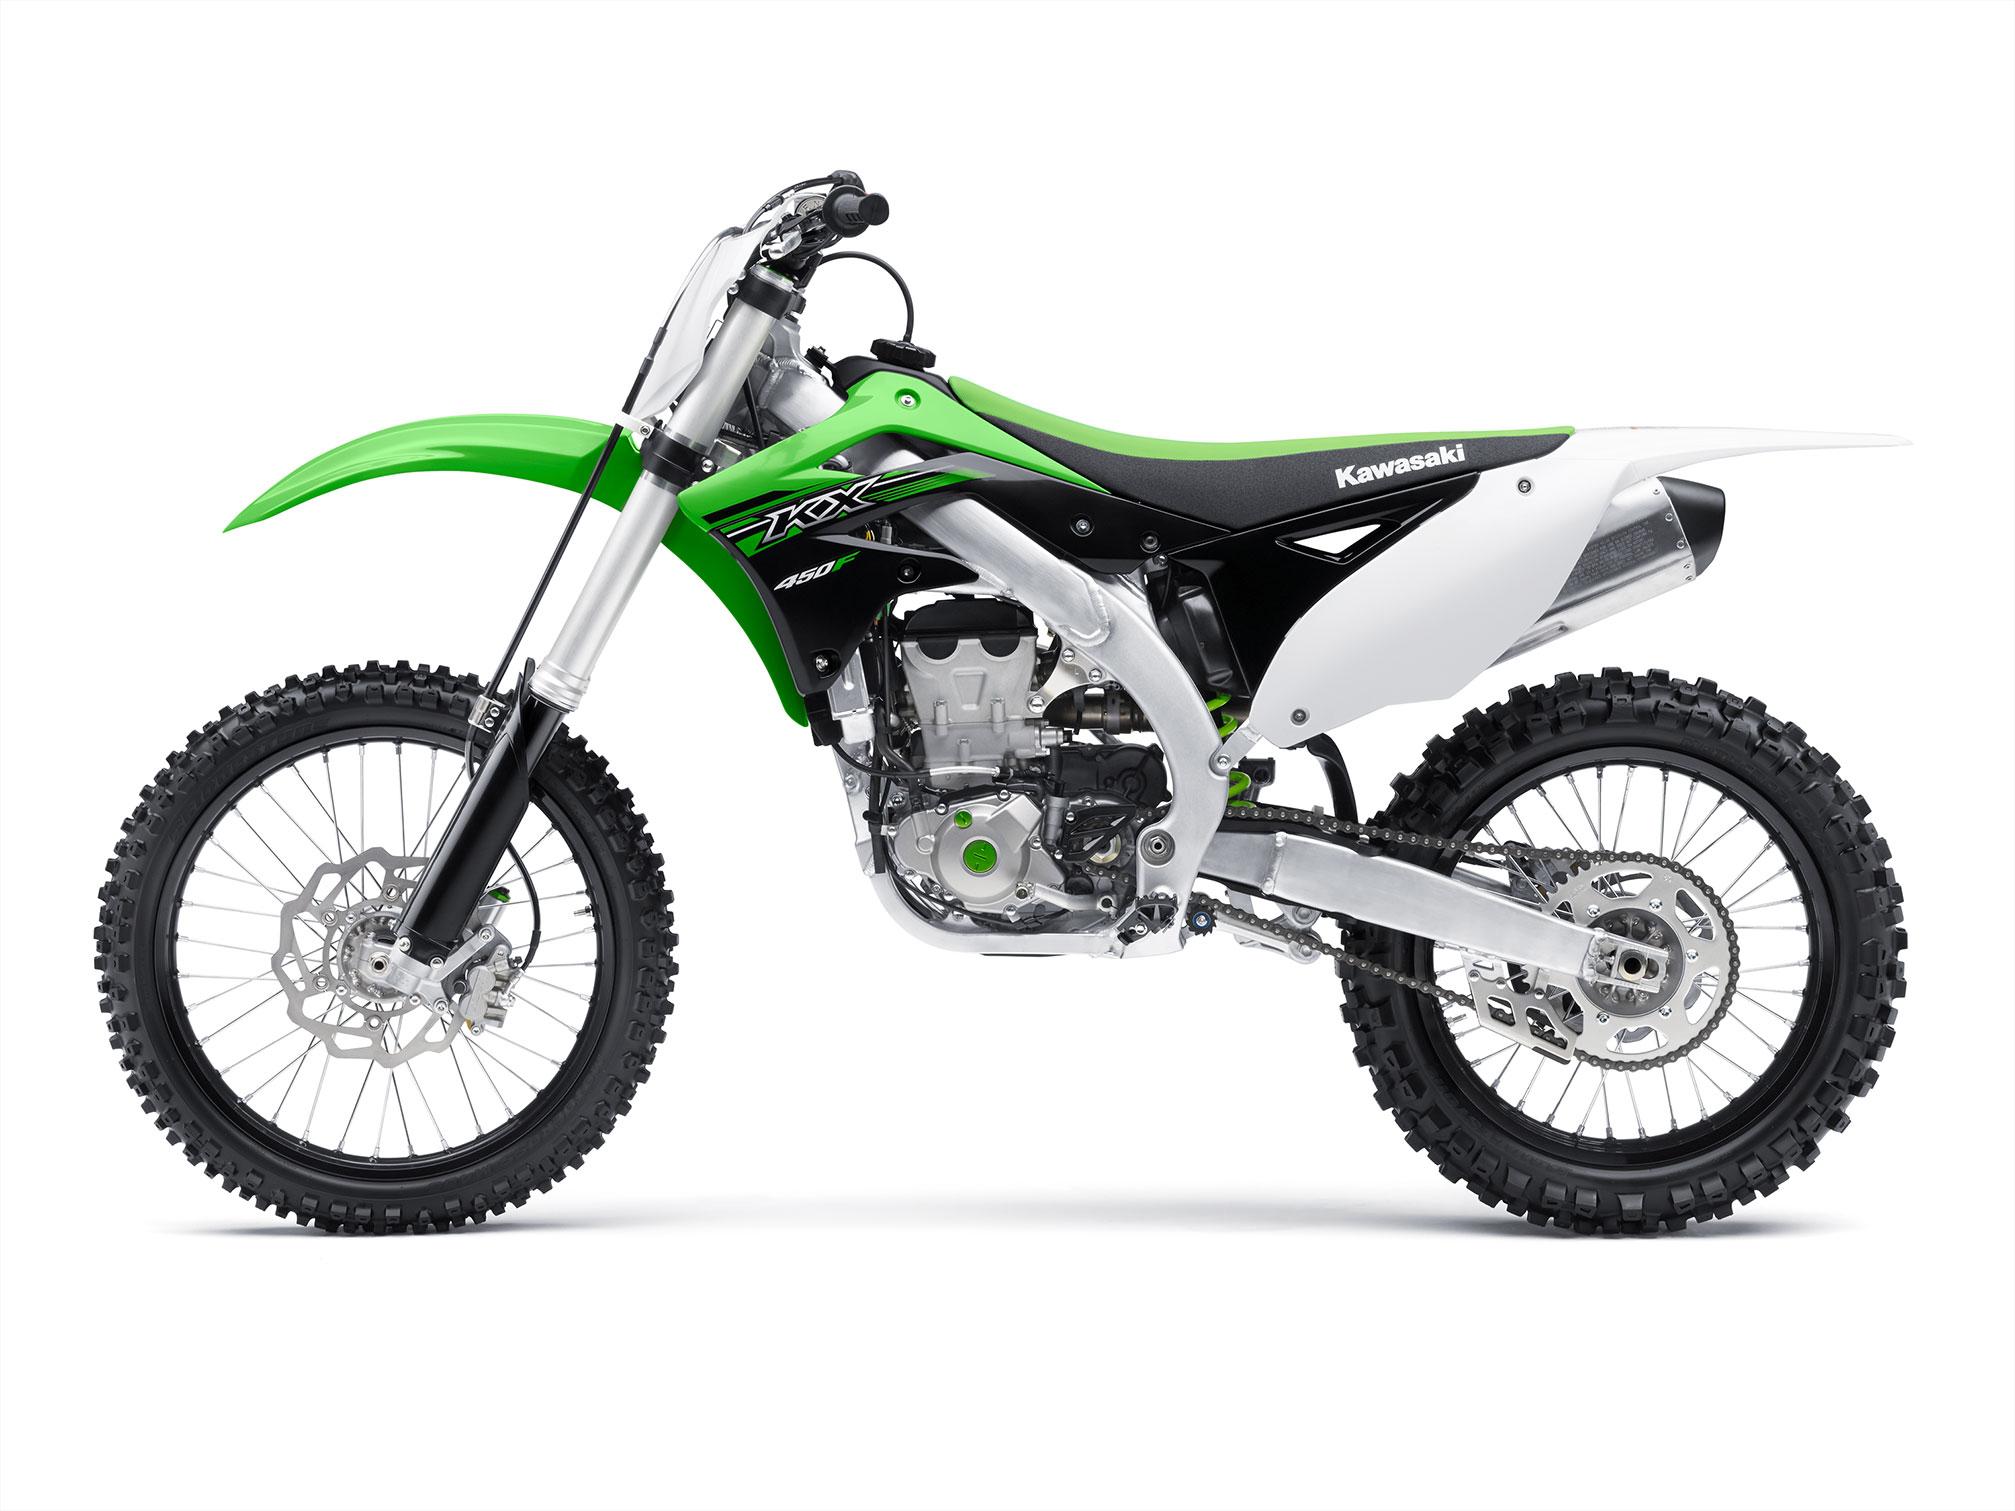 2018 Kawasaki Kx 450 F